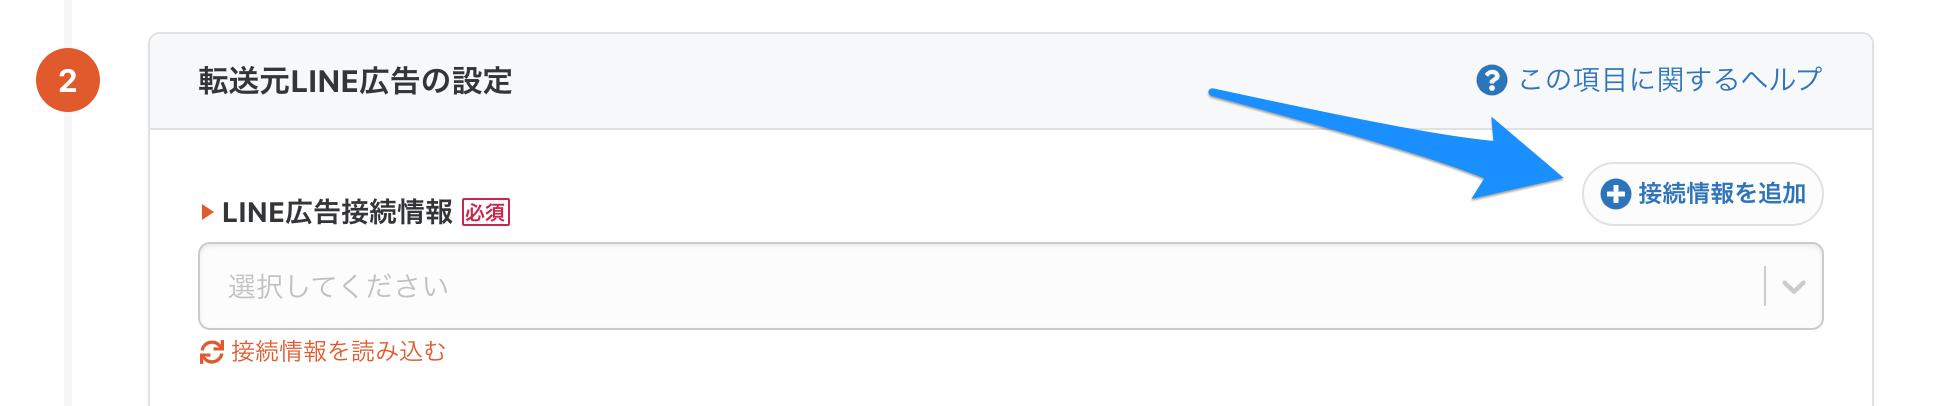 接続情報を追加.png